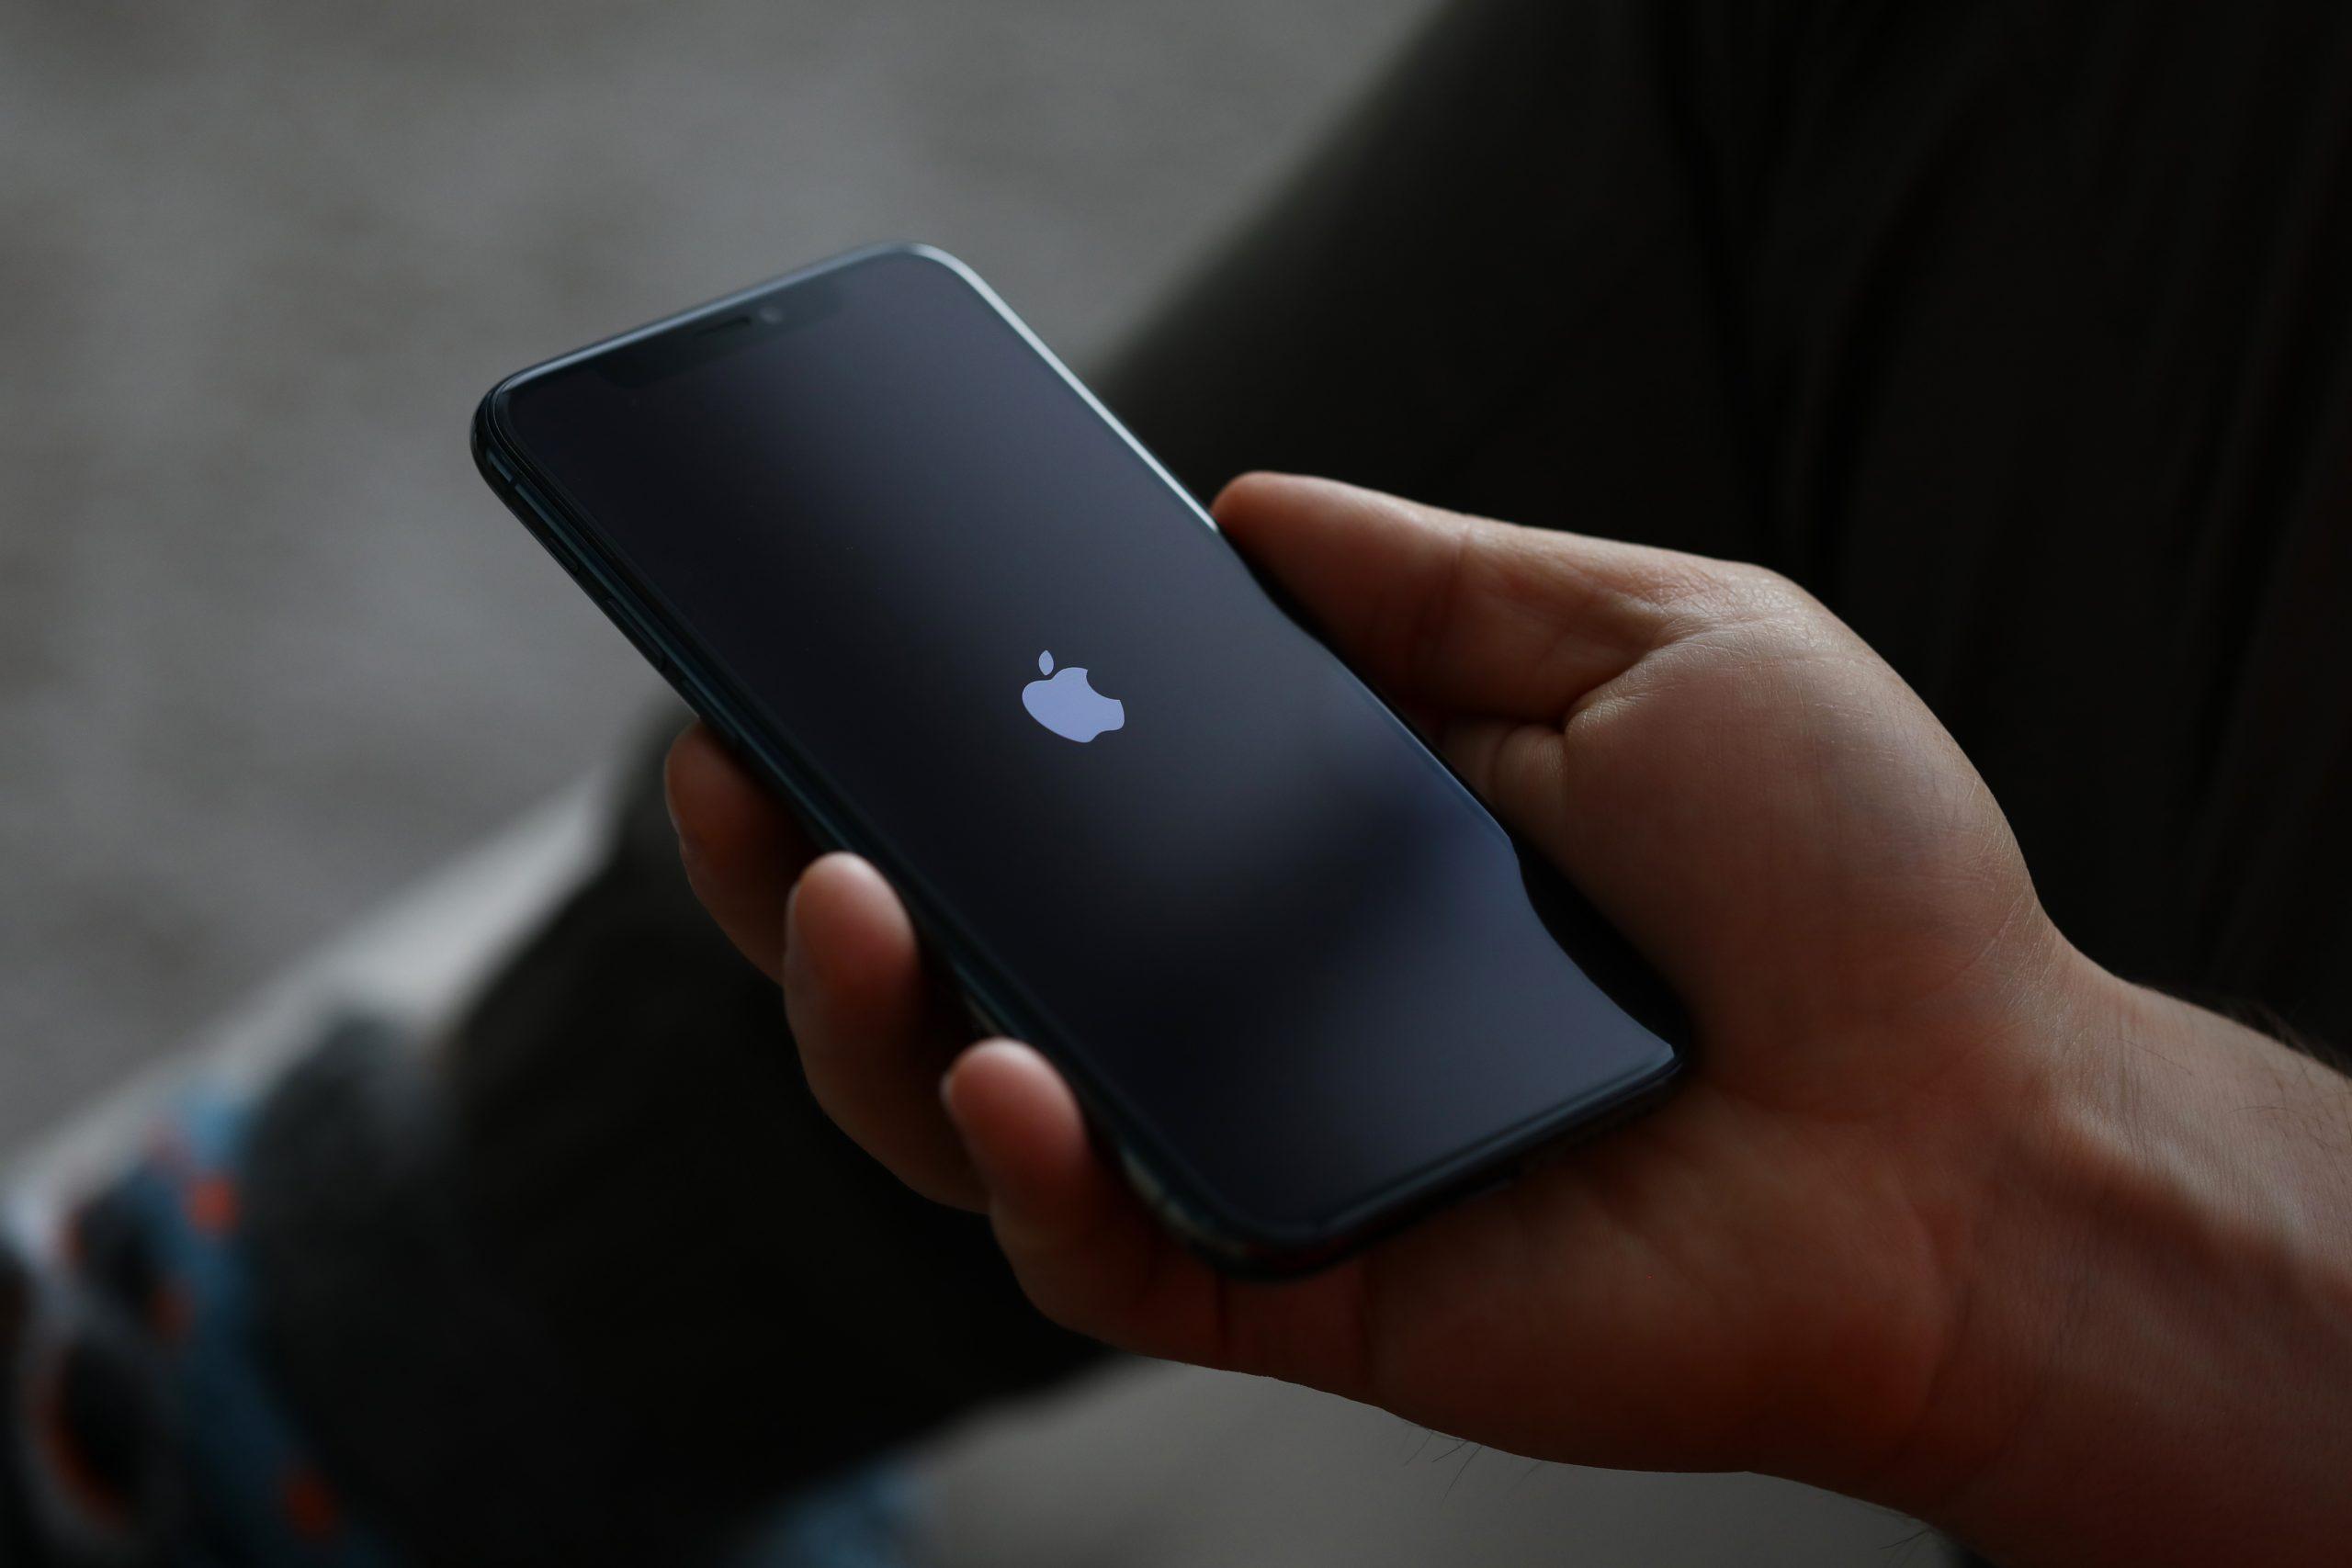 iPhoneにeSIMの設定を行う